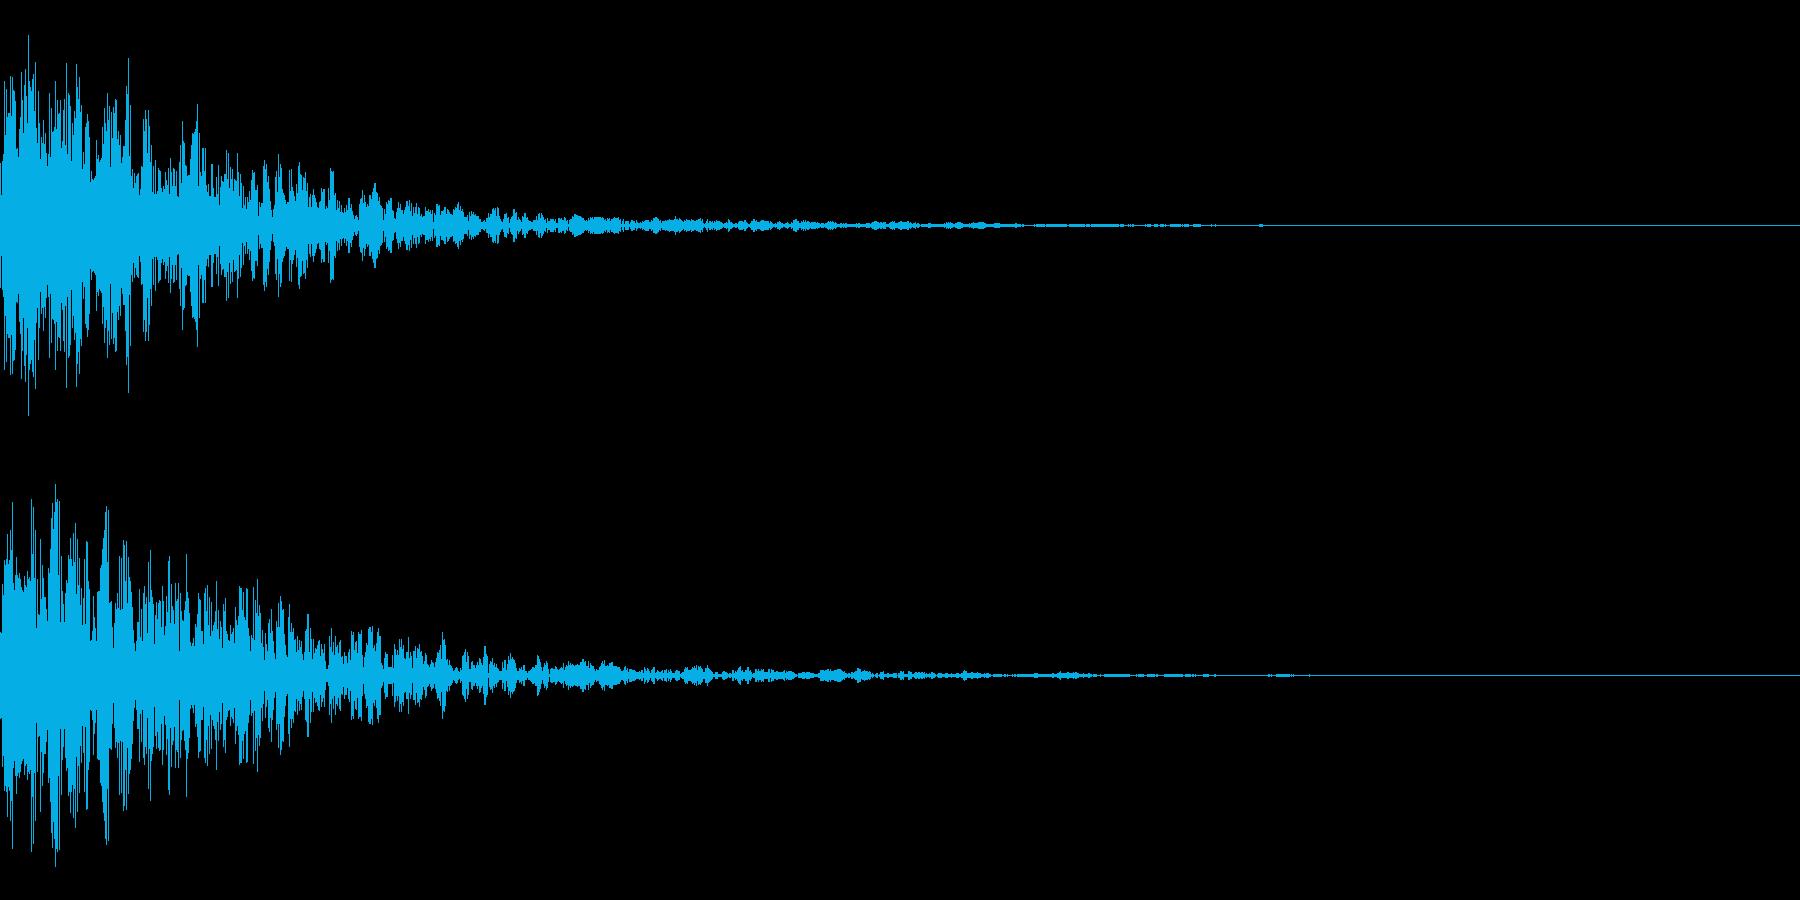 ドーン-27-1(インパクト音)の再生済みの波形